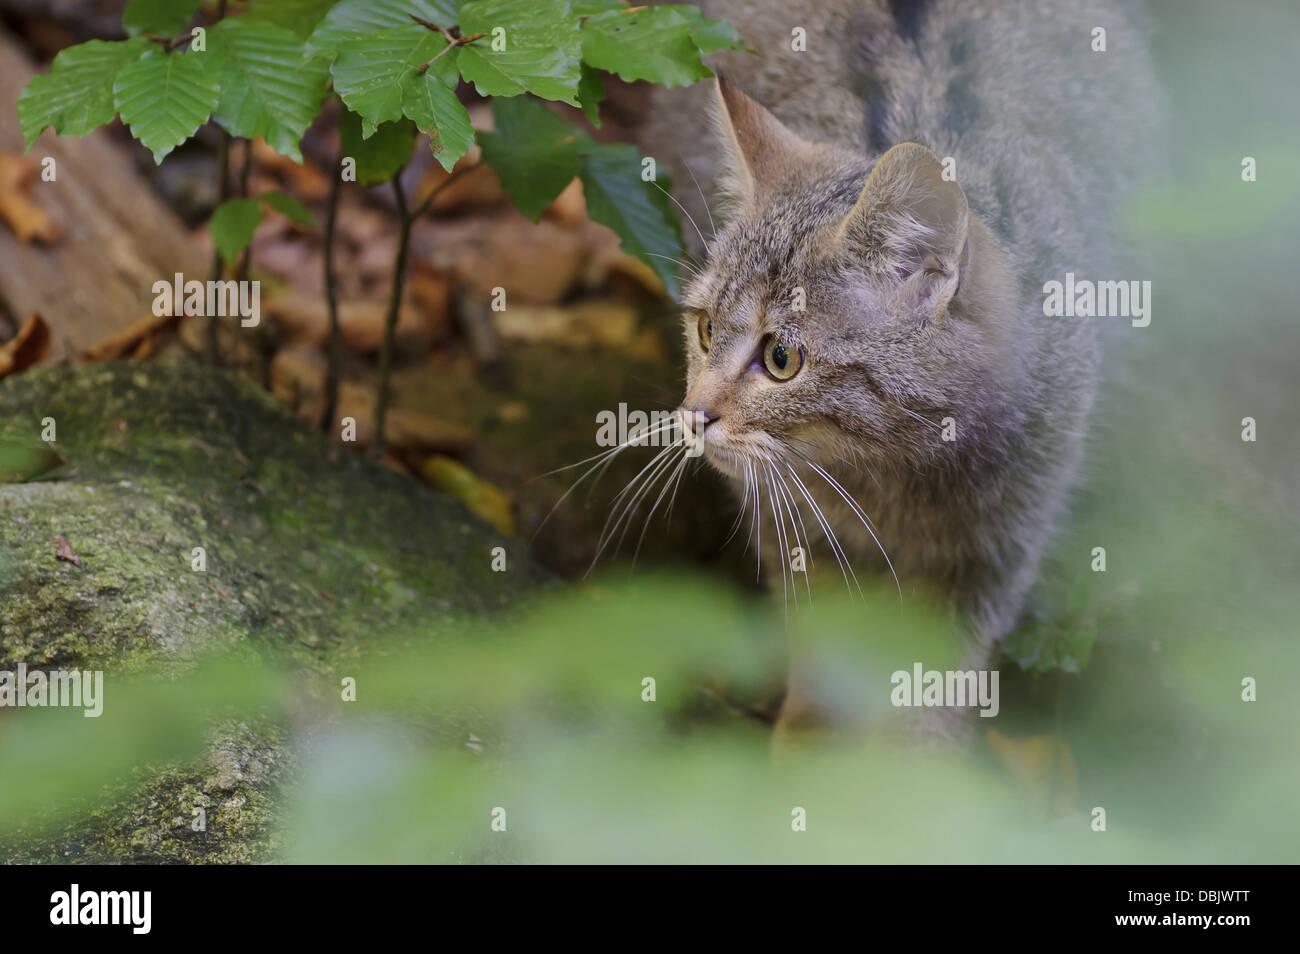 El Wildcat en Underwood, Felis silvestris, Bosque Bávaro, Baviera, Alemania, Europa Foto de stock